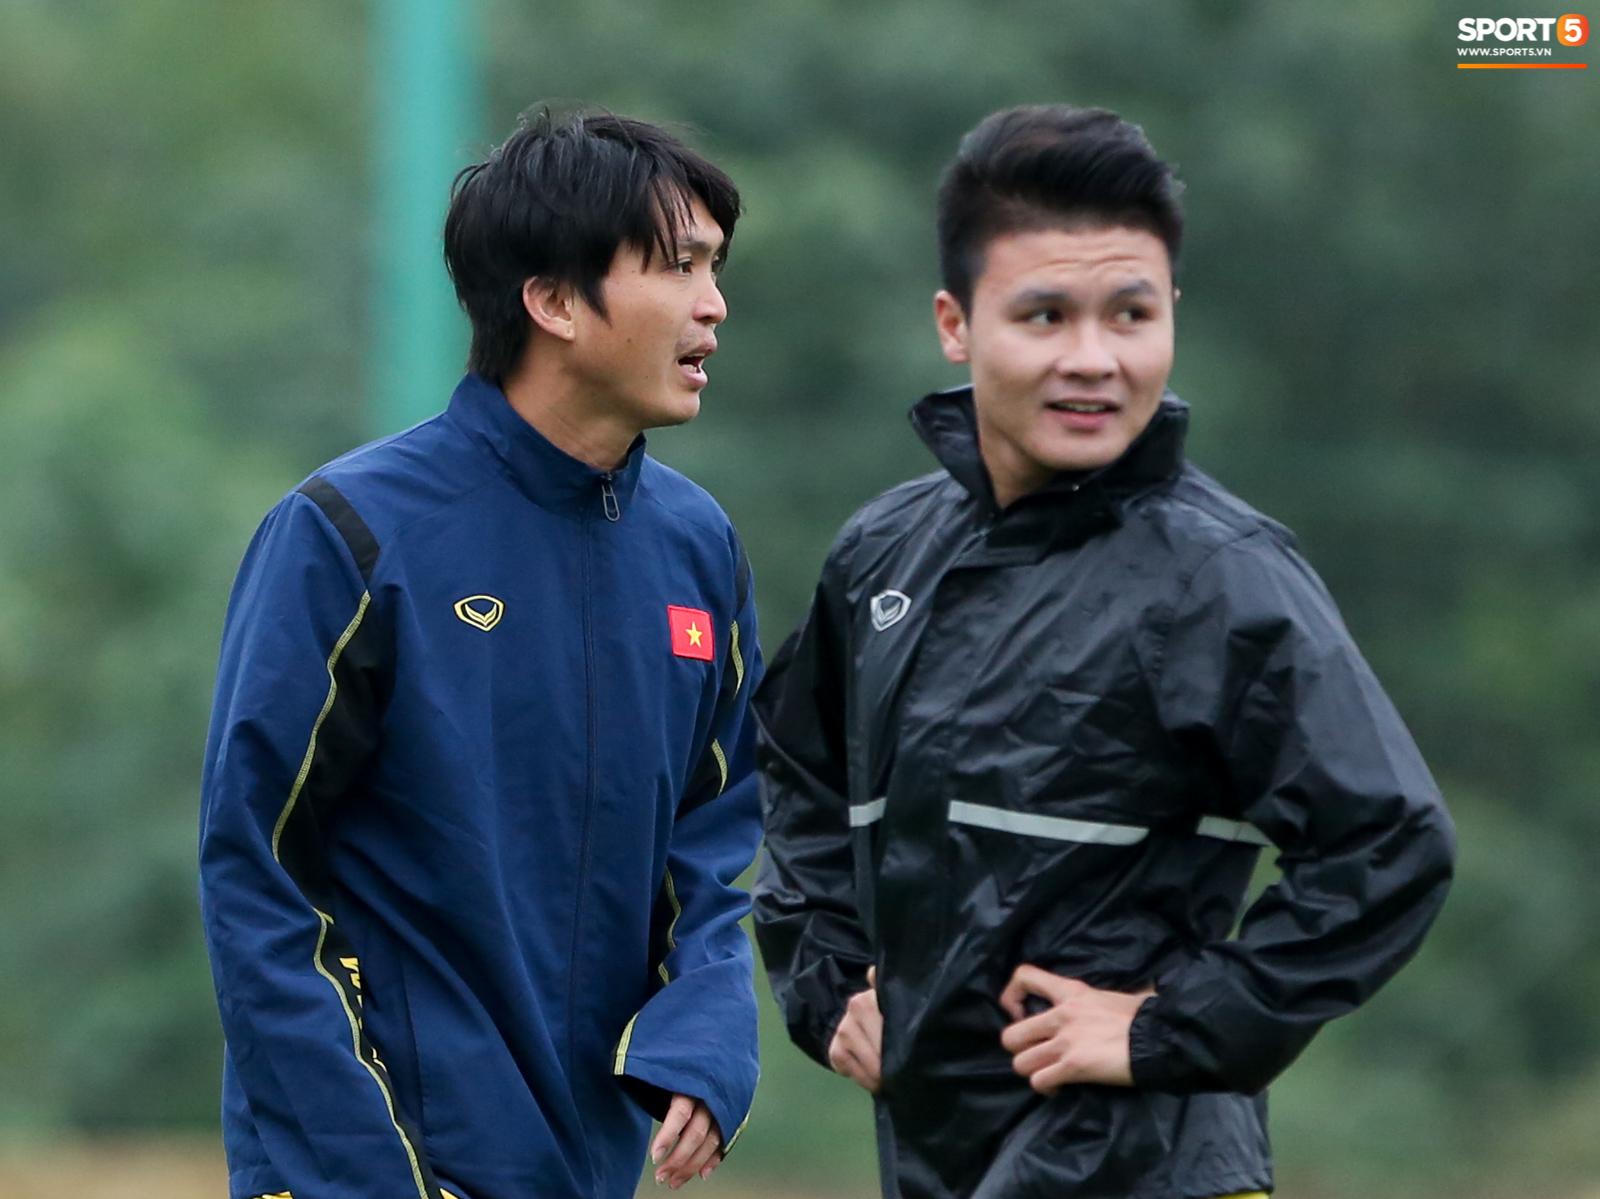 Tuấn Anh nhập hội tập với bác sĩ, Quang Hải hết cô đơn - Ảnh 6.